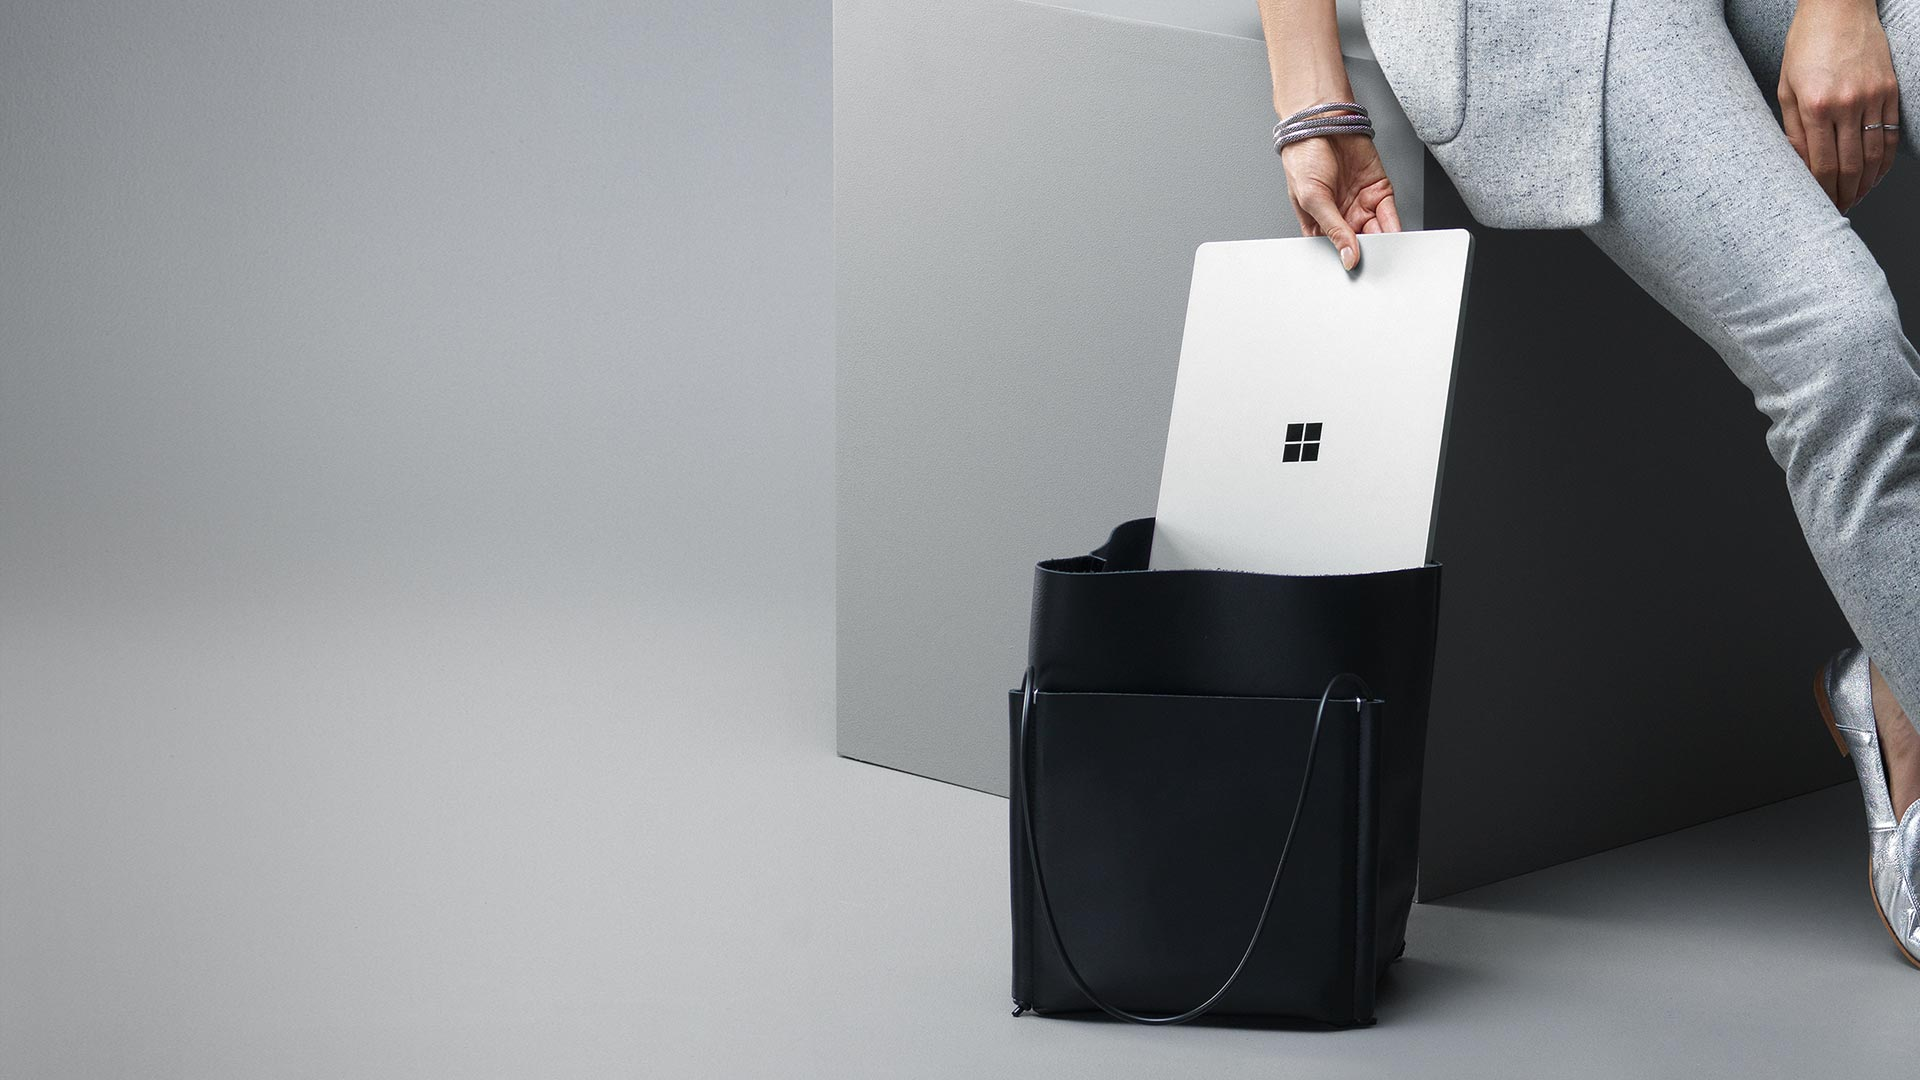 女人将亮铂金 Surface Laptop 放入包中。